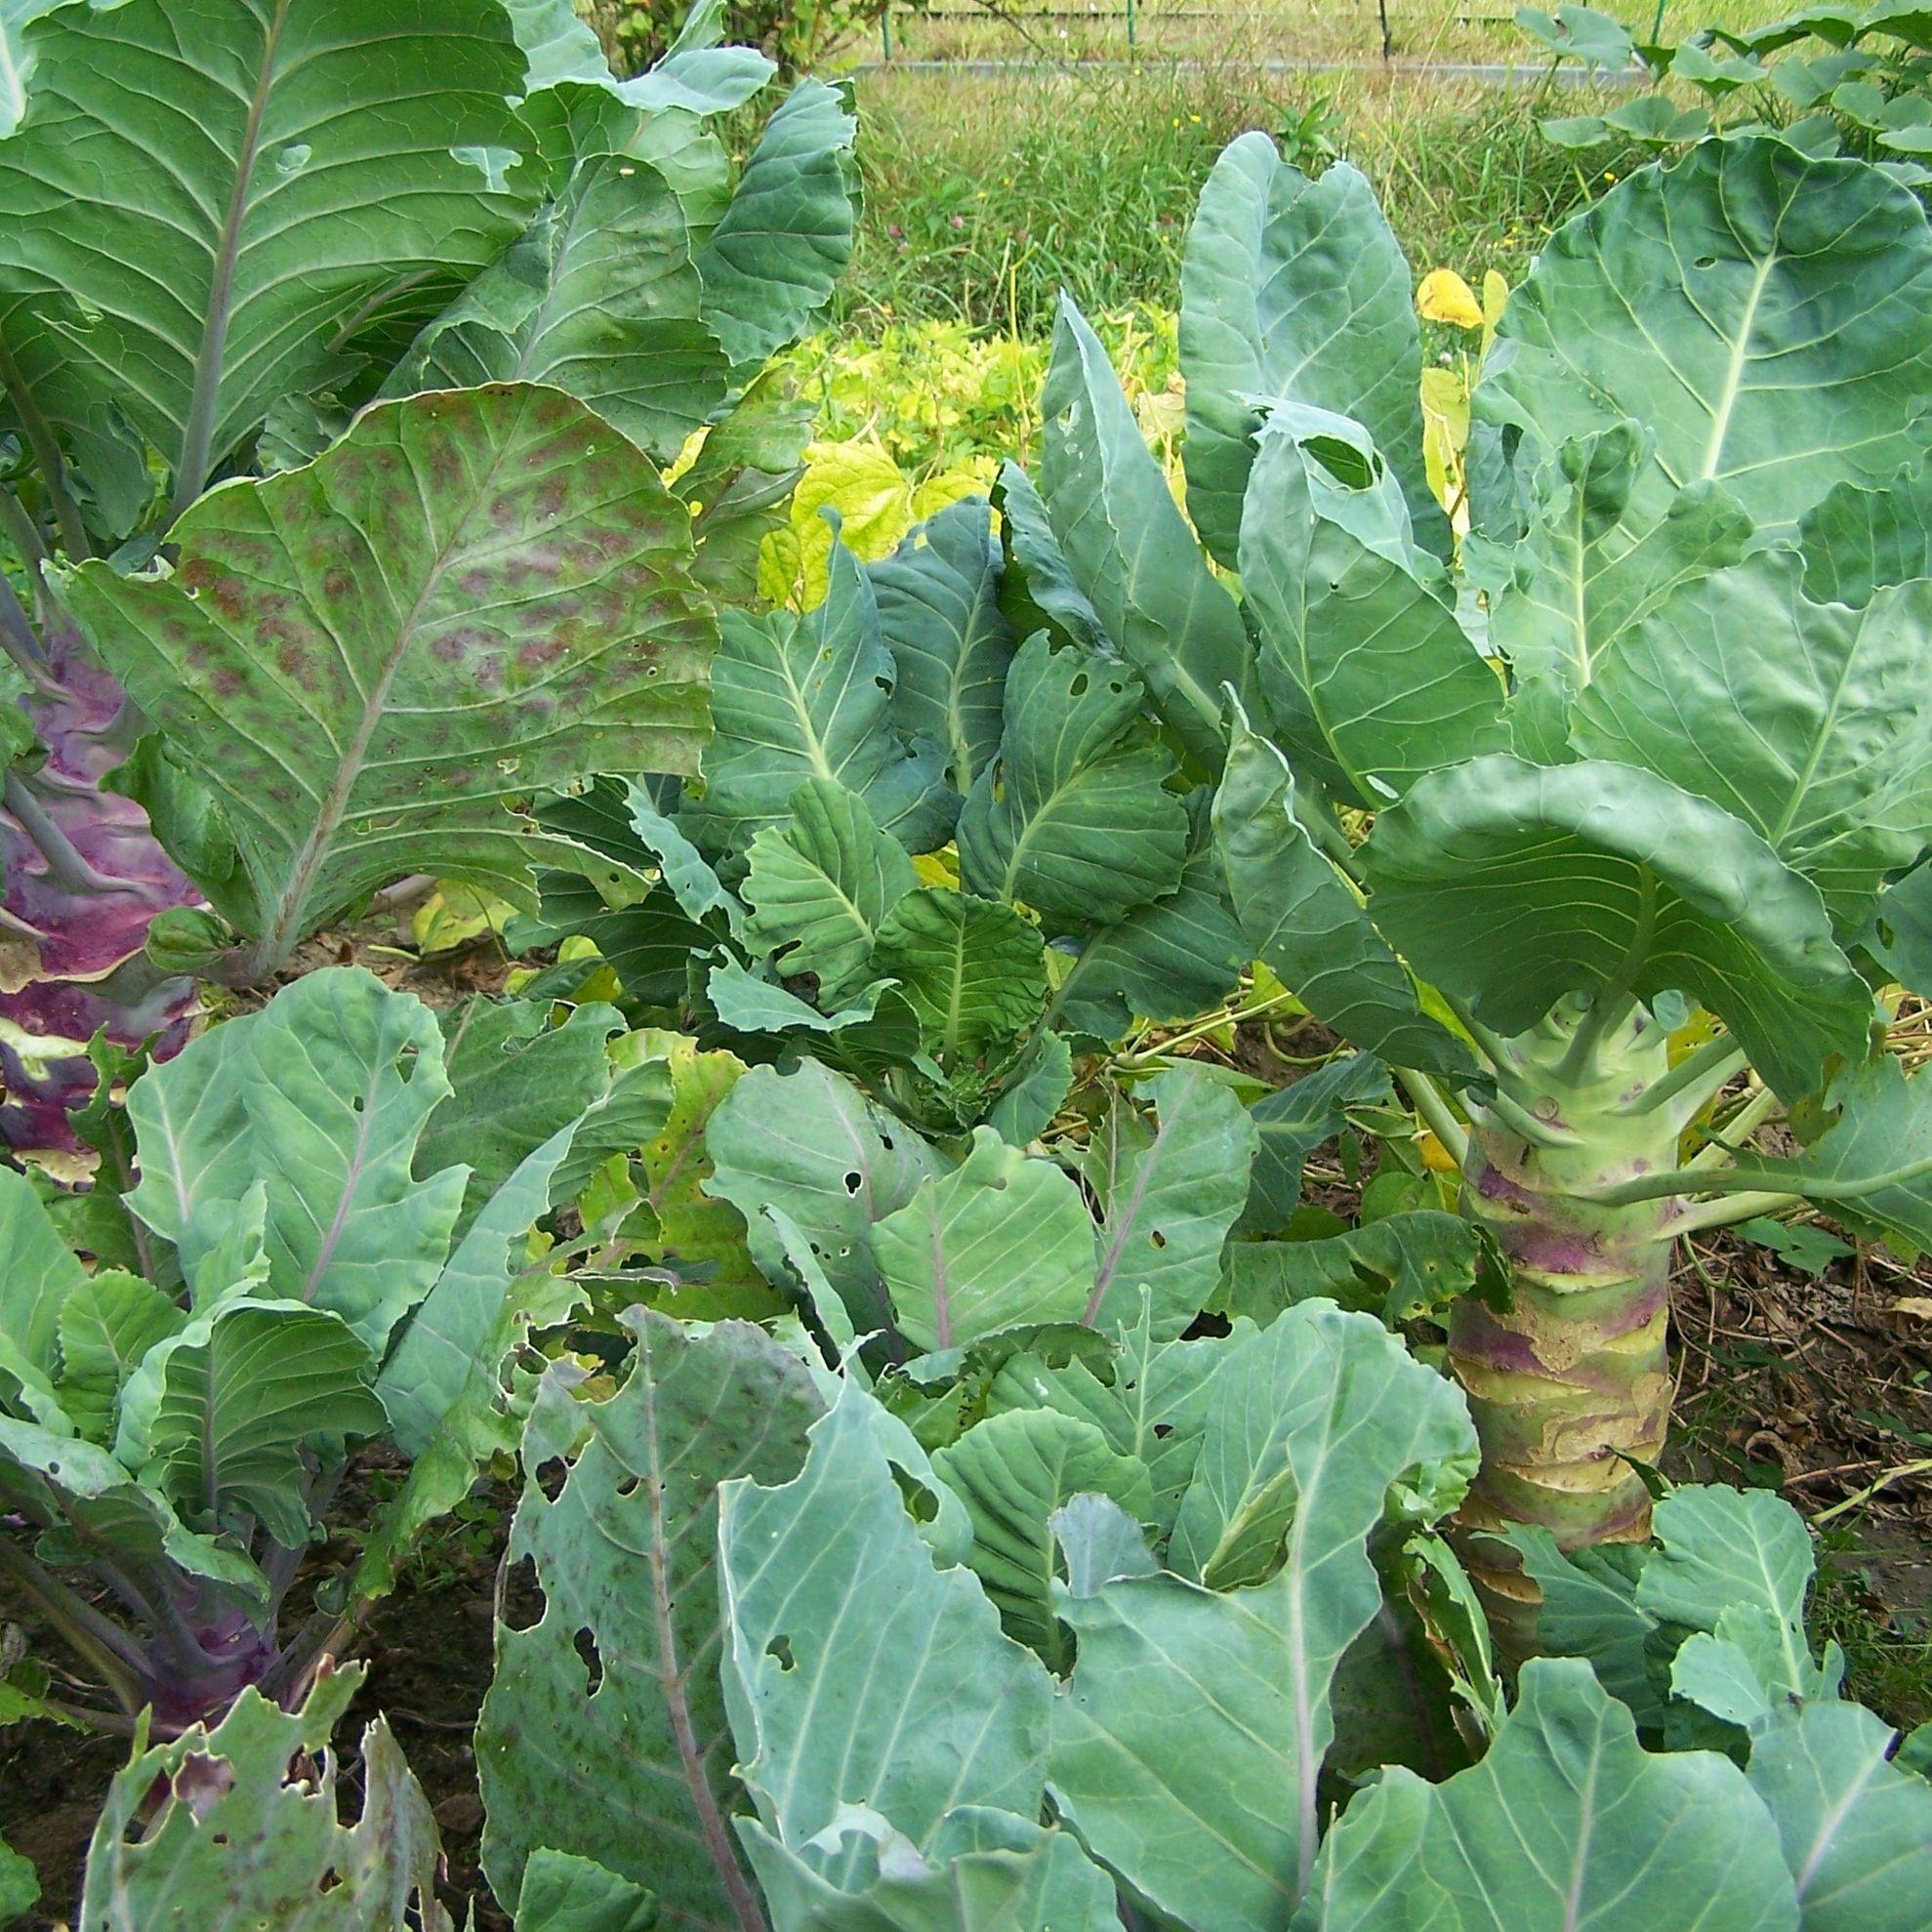 bio-saatgut.de | gedöns und pflanzen die ich im garten haben will